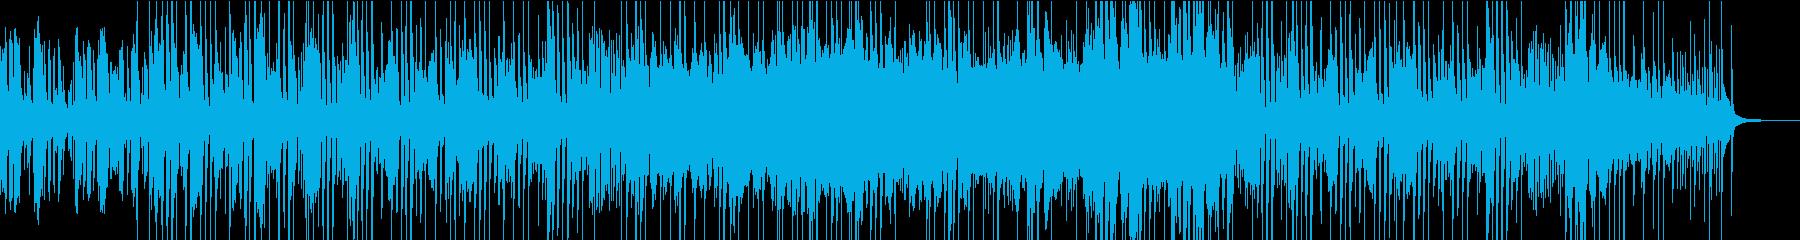 ギターのカッティングが特徴的なロック曲の再生済みの波形